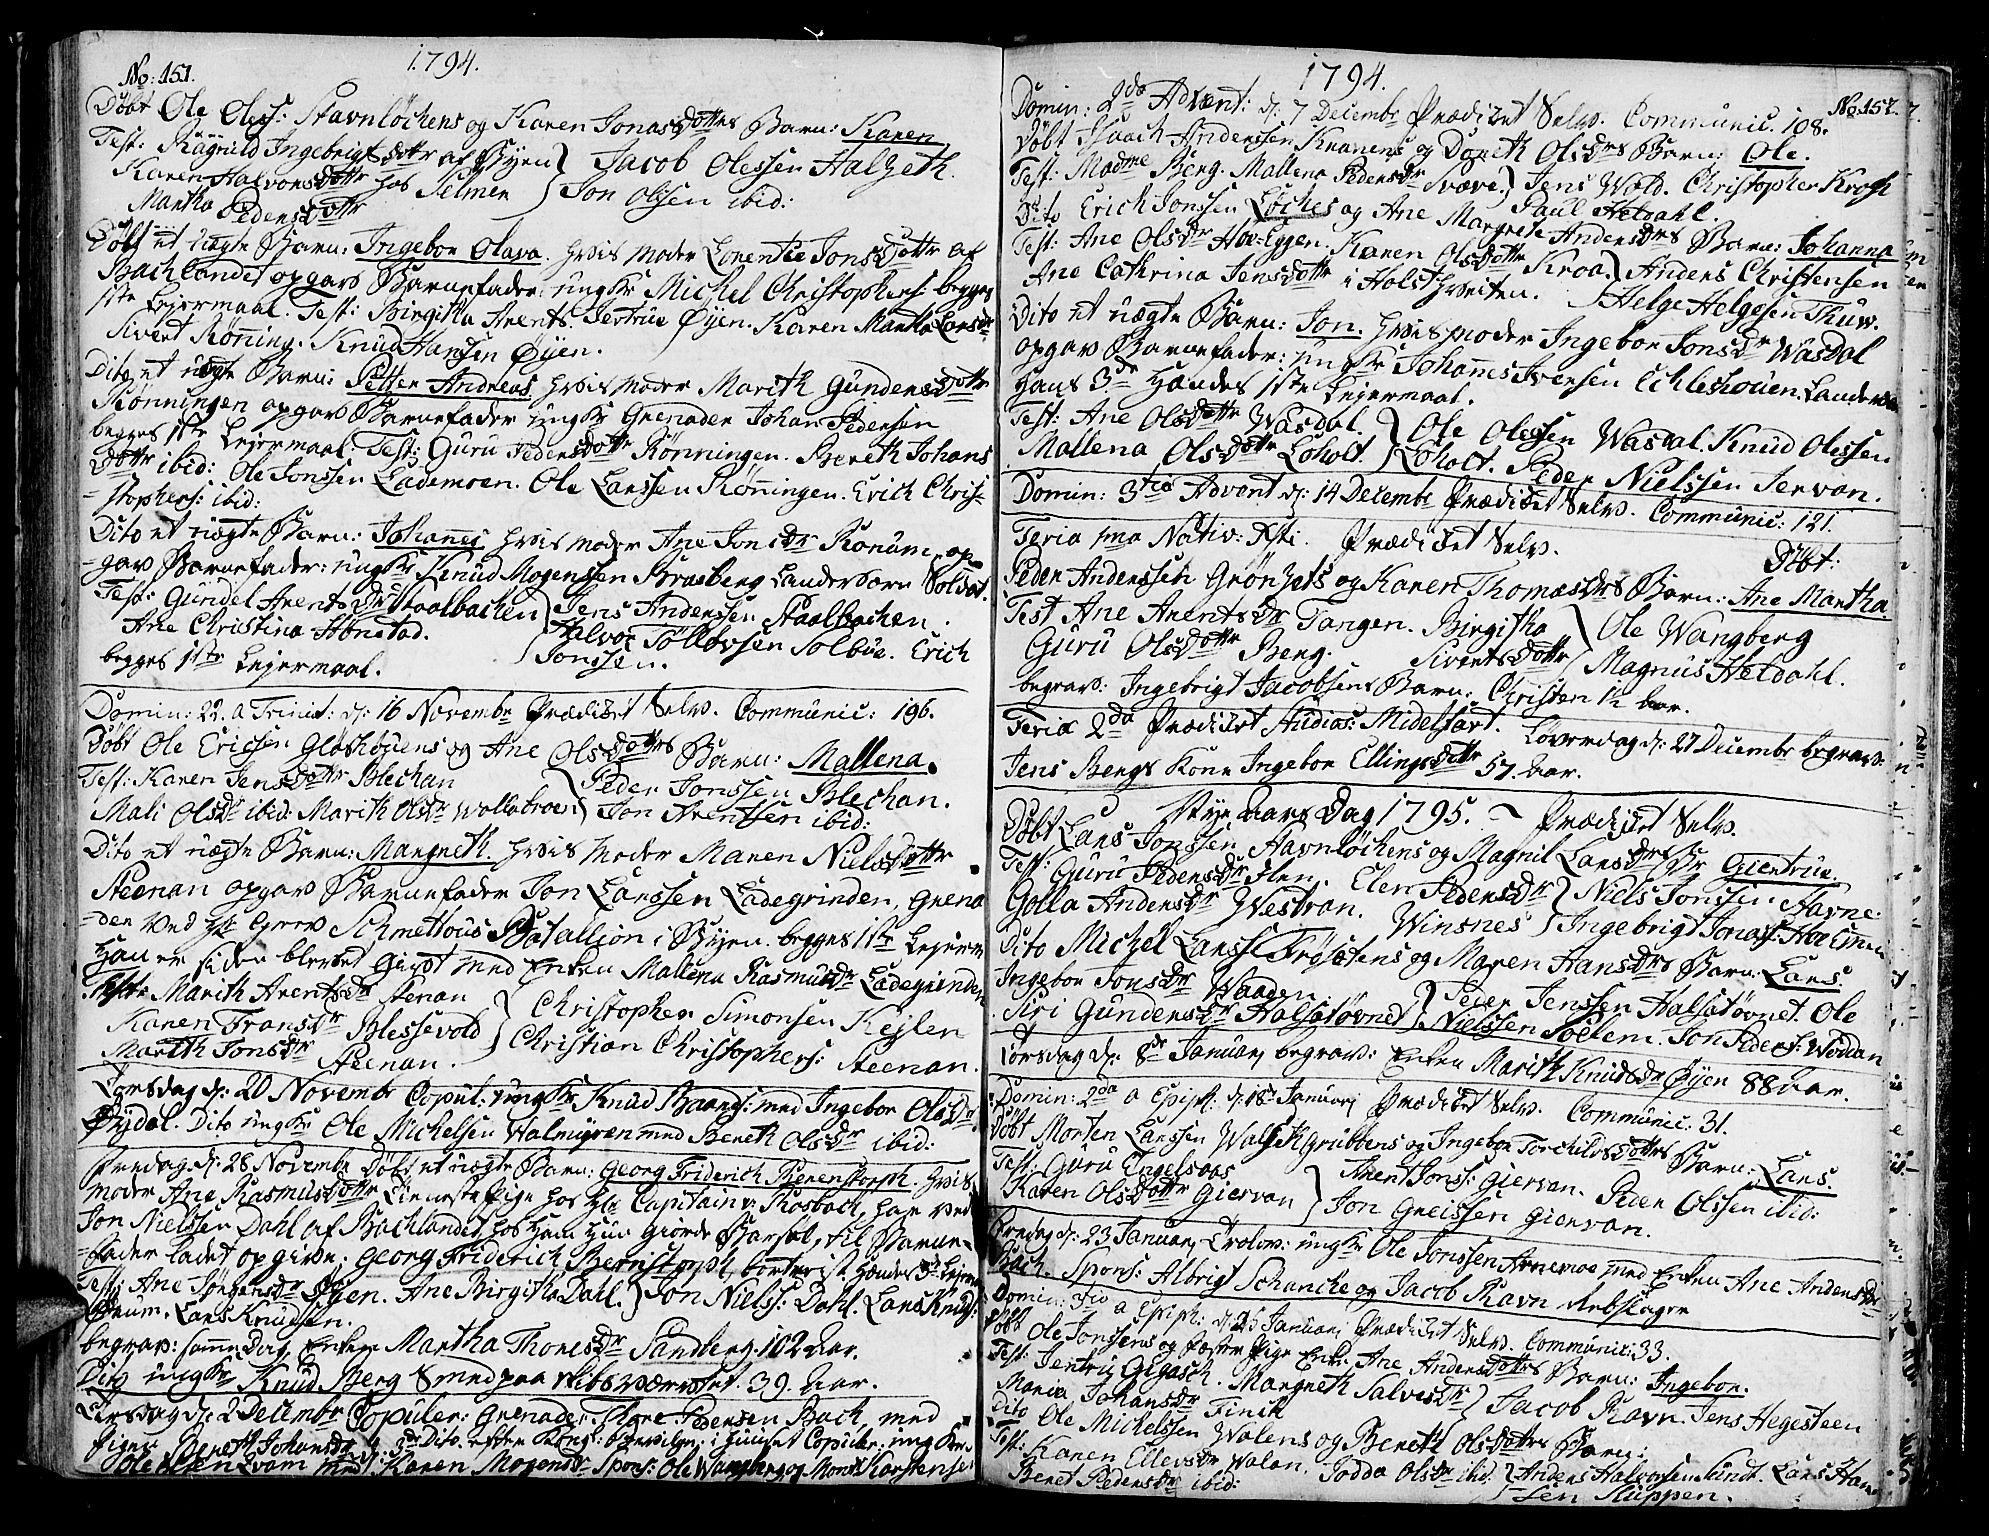 SAT, Ministerialprotokoller, klokkerbøker og fødselsregistre - Sør-Trøndelag, 604/L0180: Ministerialbok nr. 604A01, 1780-1797, s. 151-152